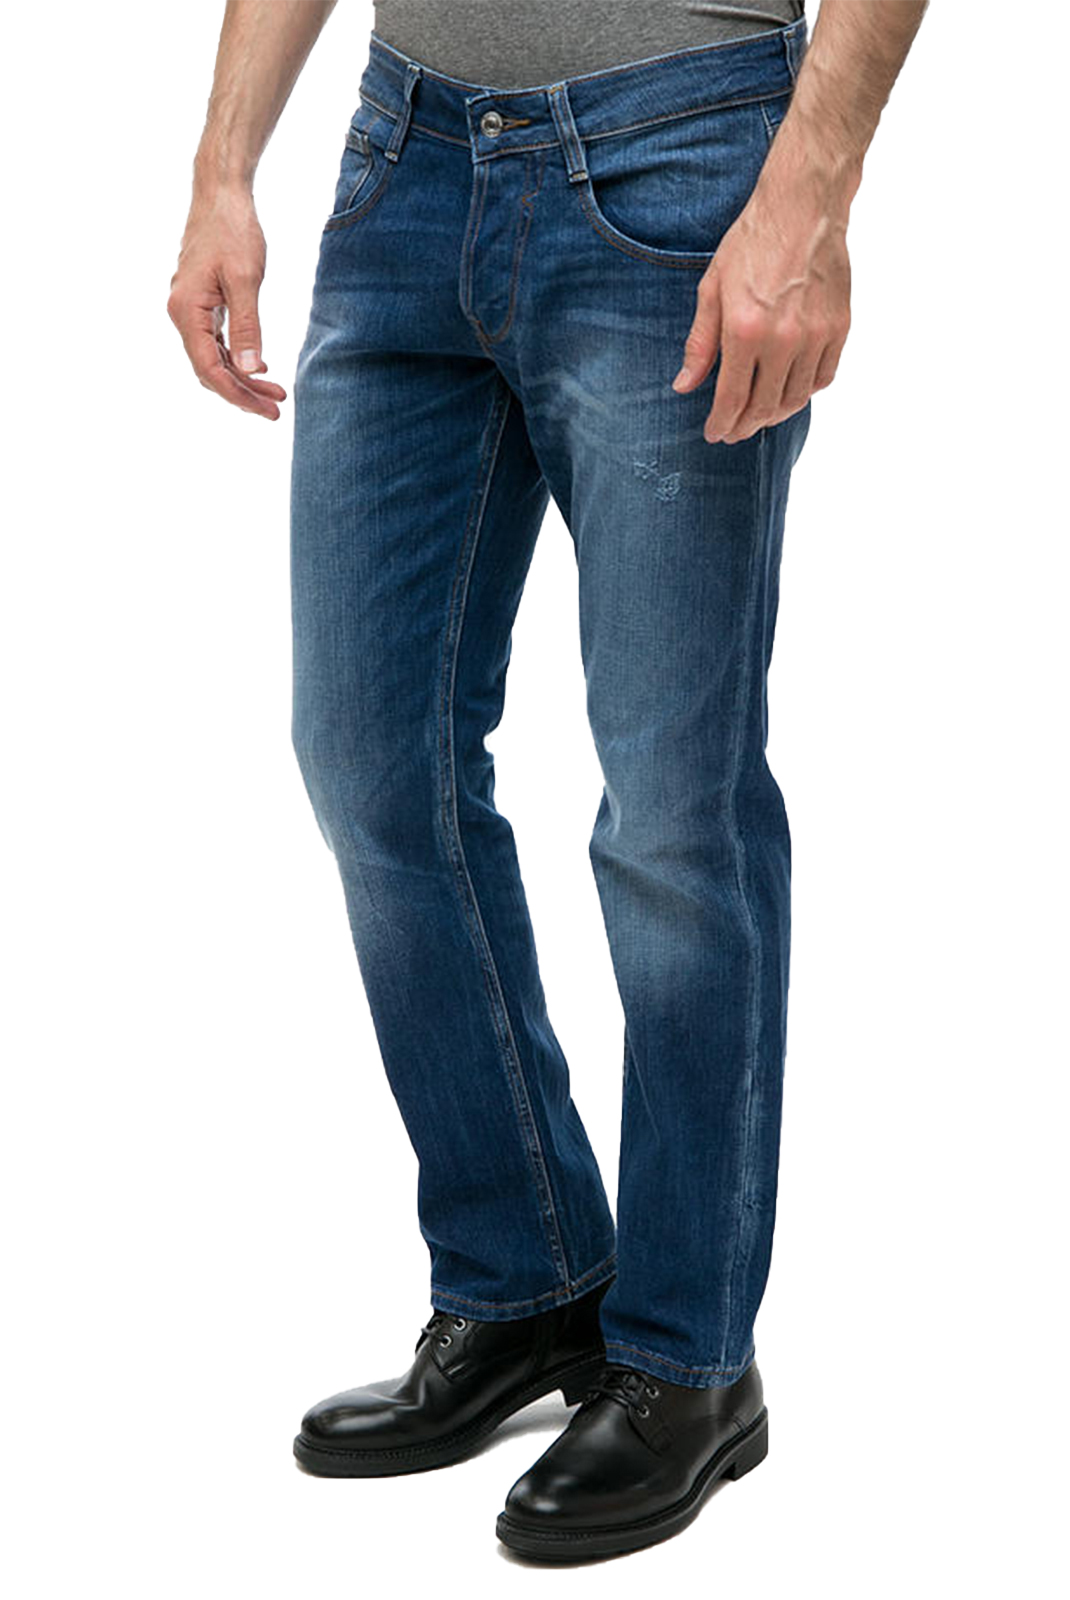 droit  Guess jeans M74AS3 D2RI0 GREENWICH